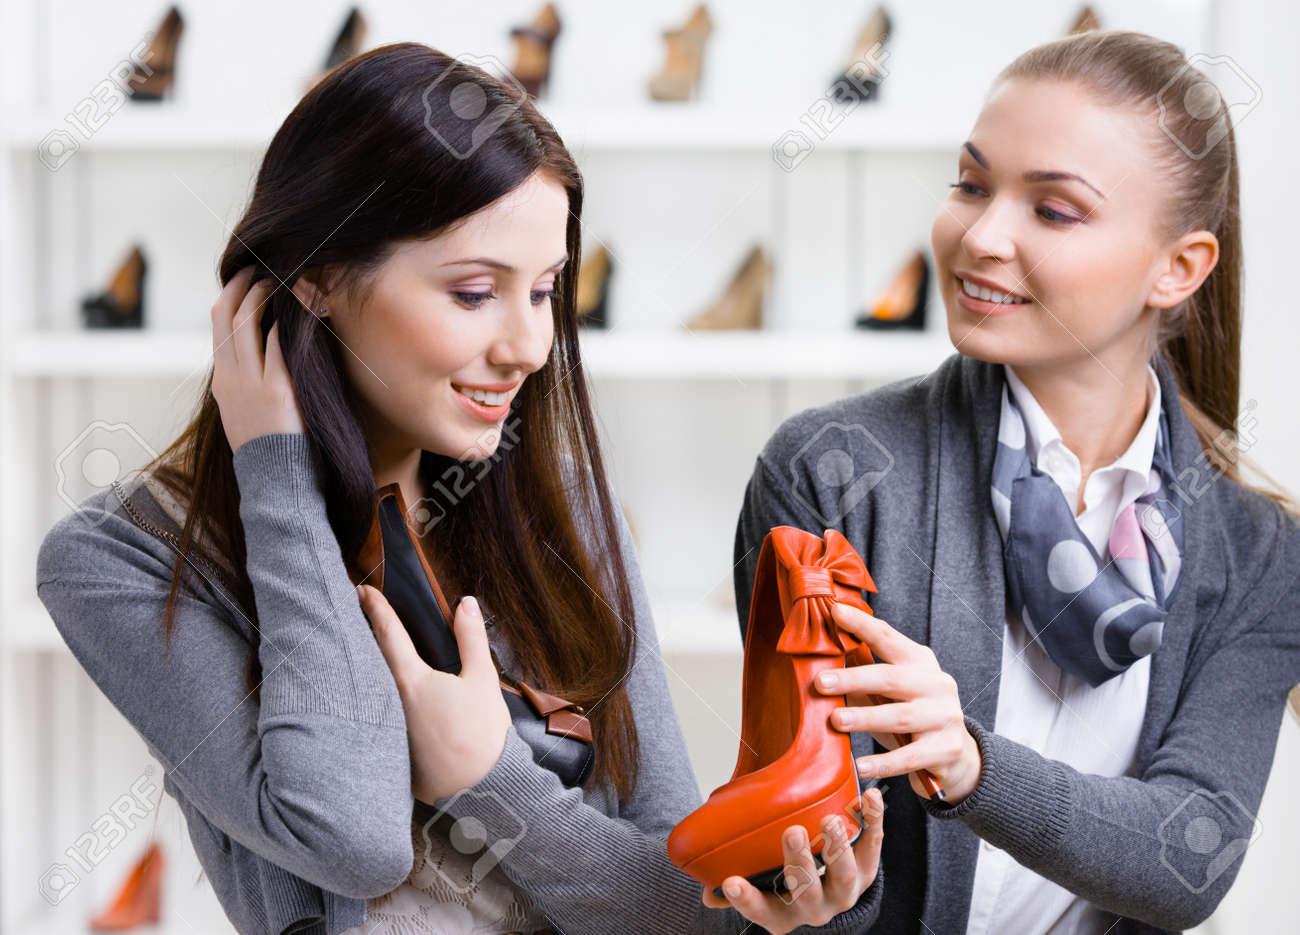 77dfb5220024ac Banque d'images - Vendeur propose des chaussures pour la clientèle féminine  dans le centre commercial